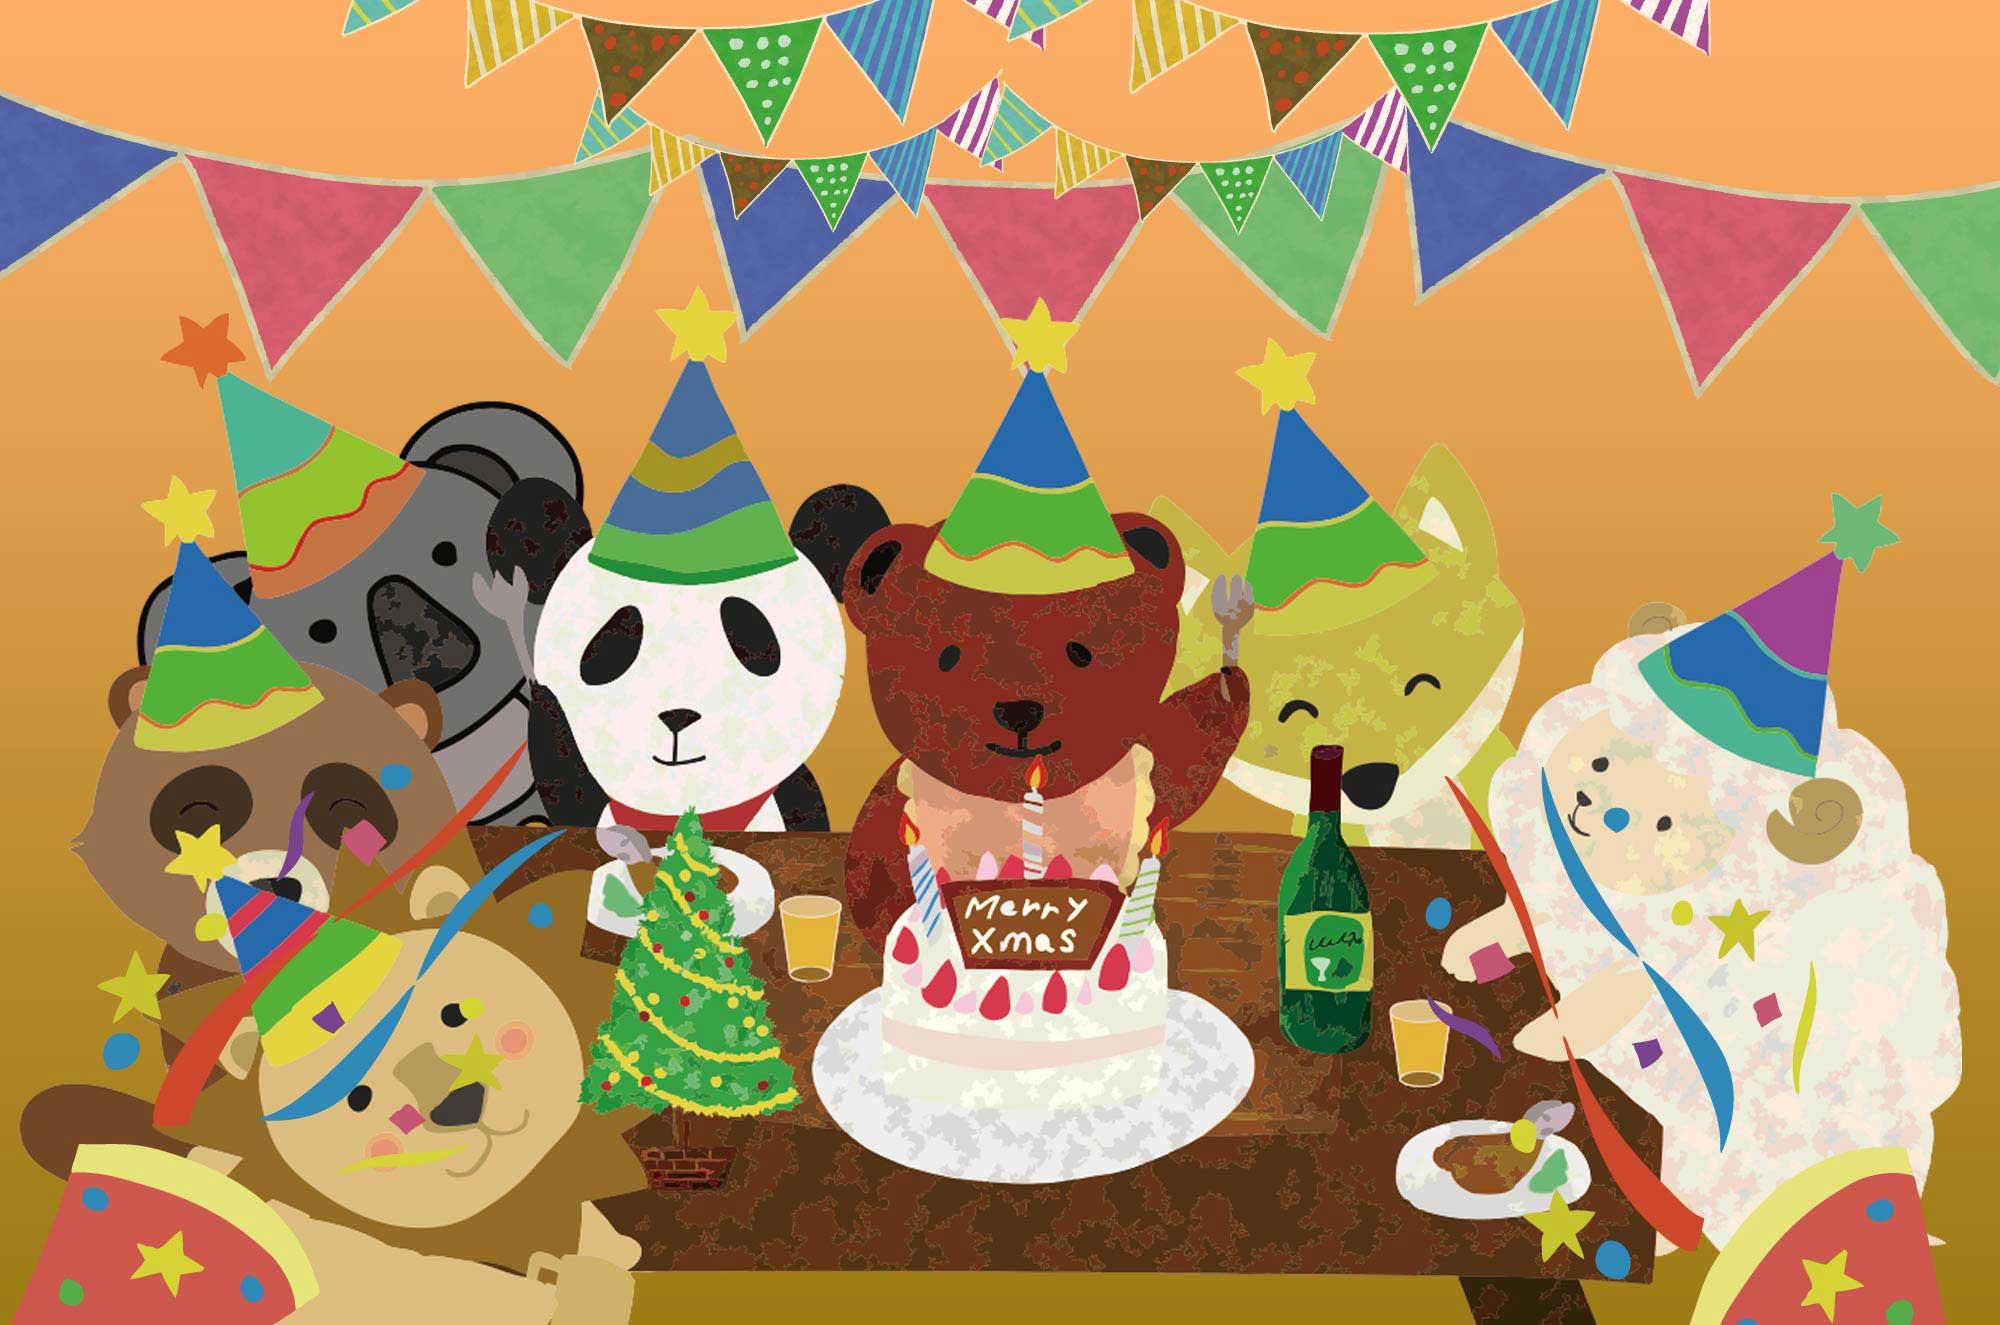 パーティーのイラスト - ケーキに楽しいお祝いシーン素材